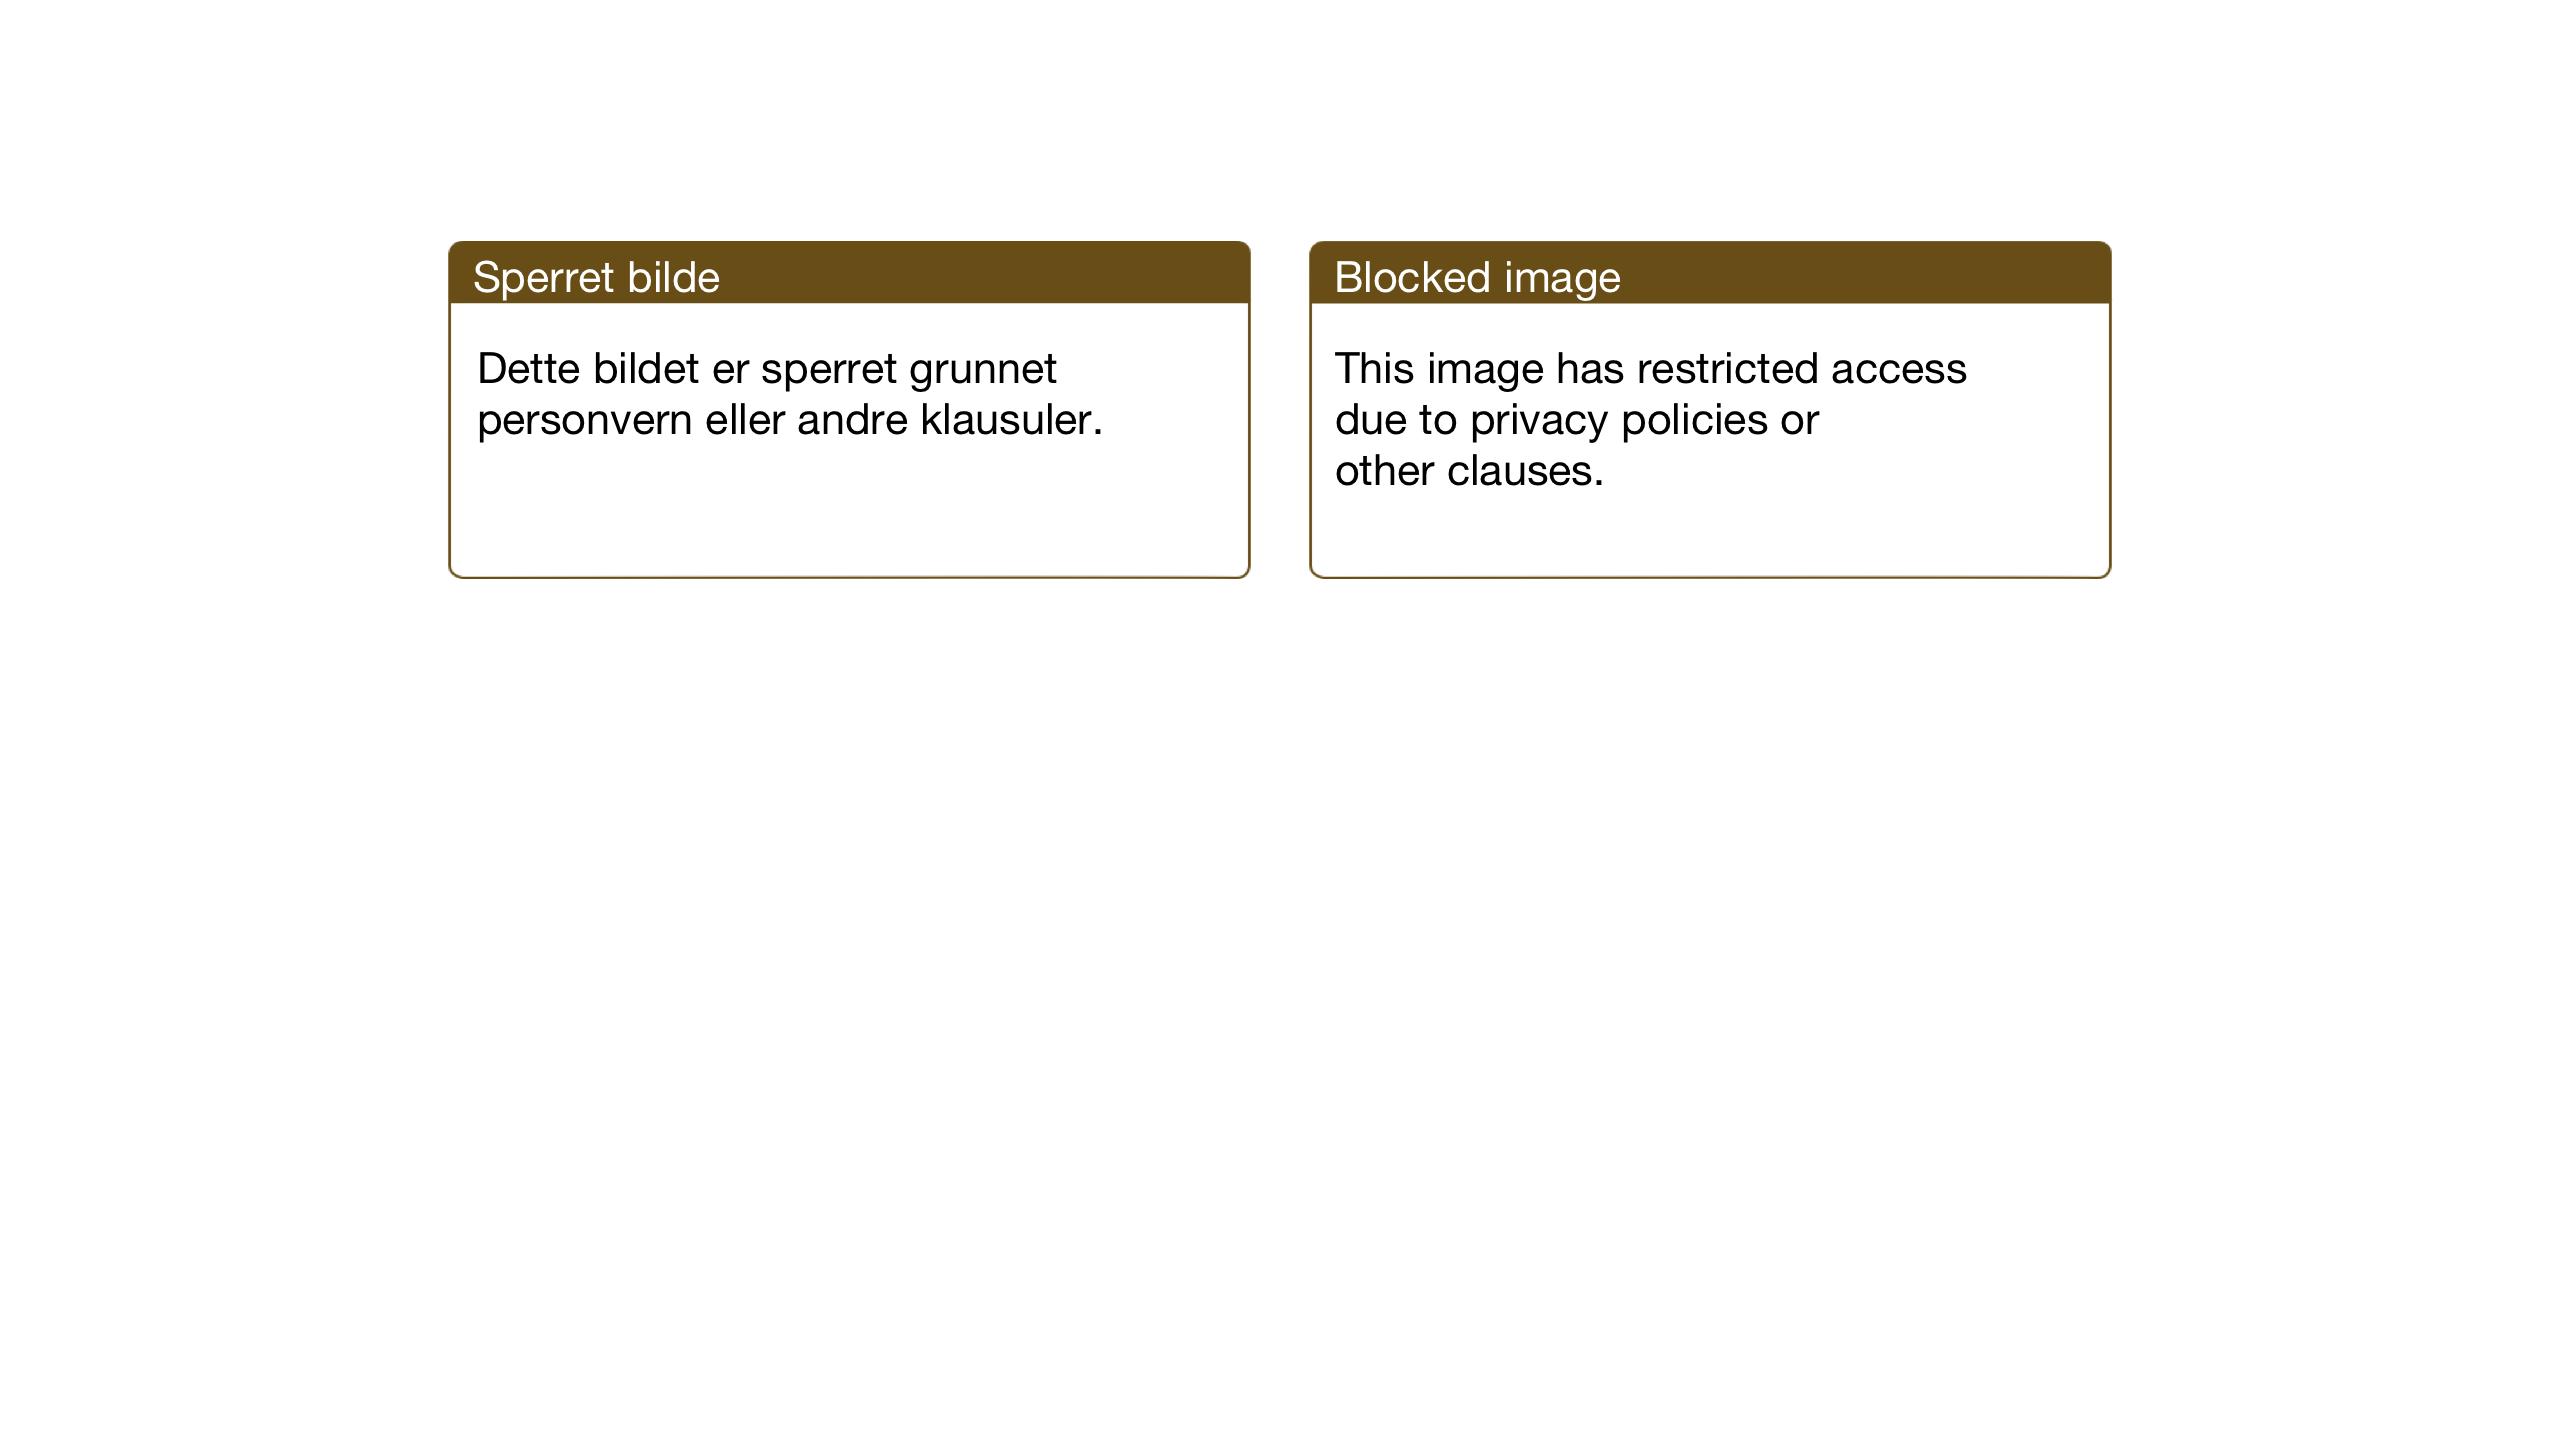 SAT, Ministerialprotokoller, klokkerbøker og fødselsregistre - Sør-Trøndelag, 637/L0564: Klokkerbok nr. 637C05, 1928-1968, s. 224